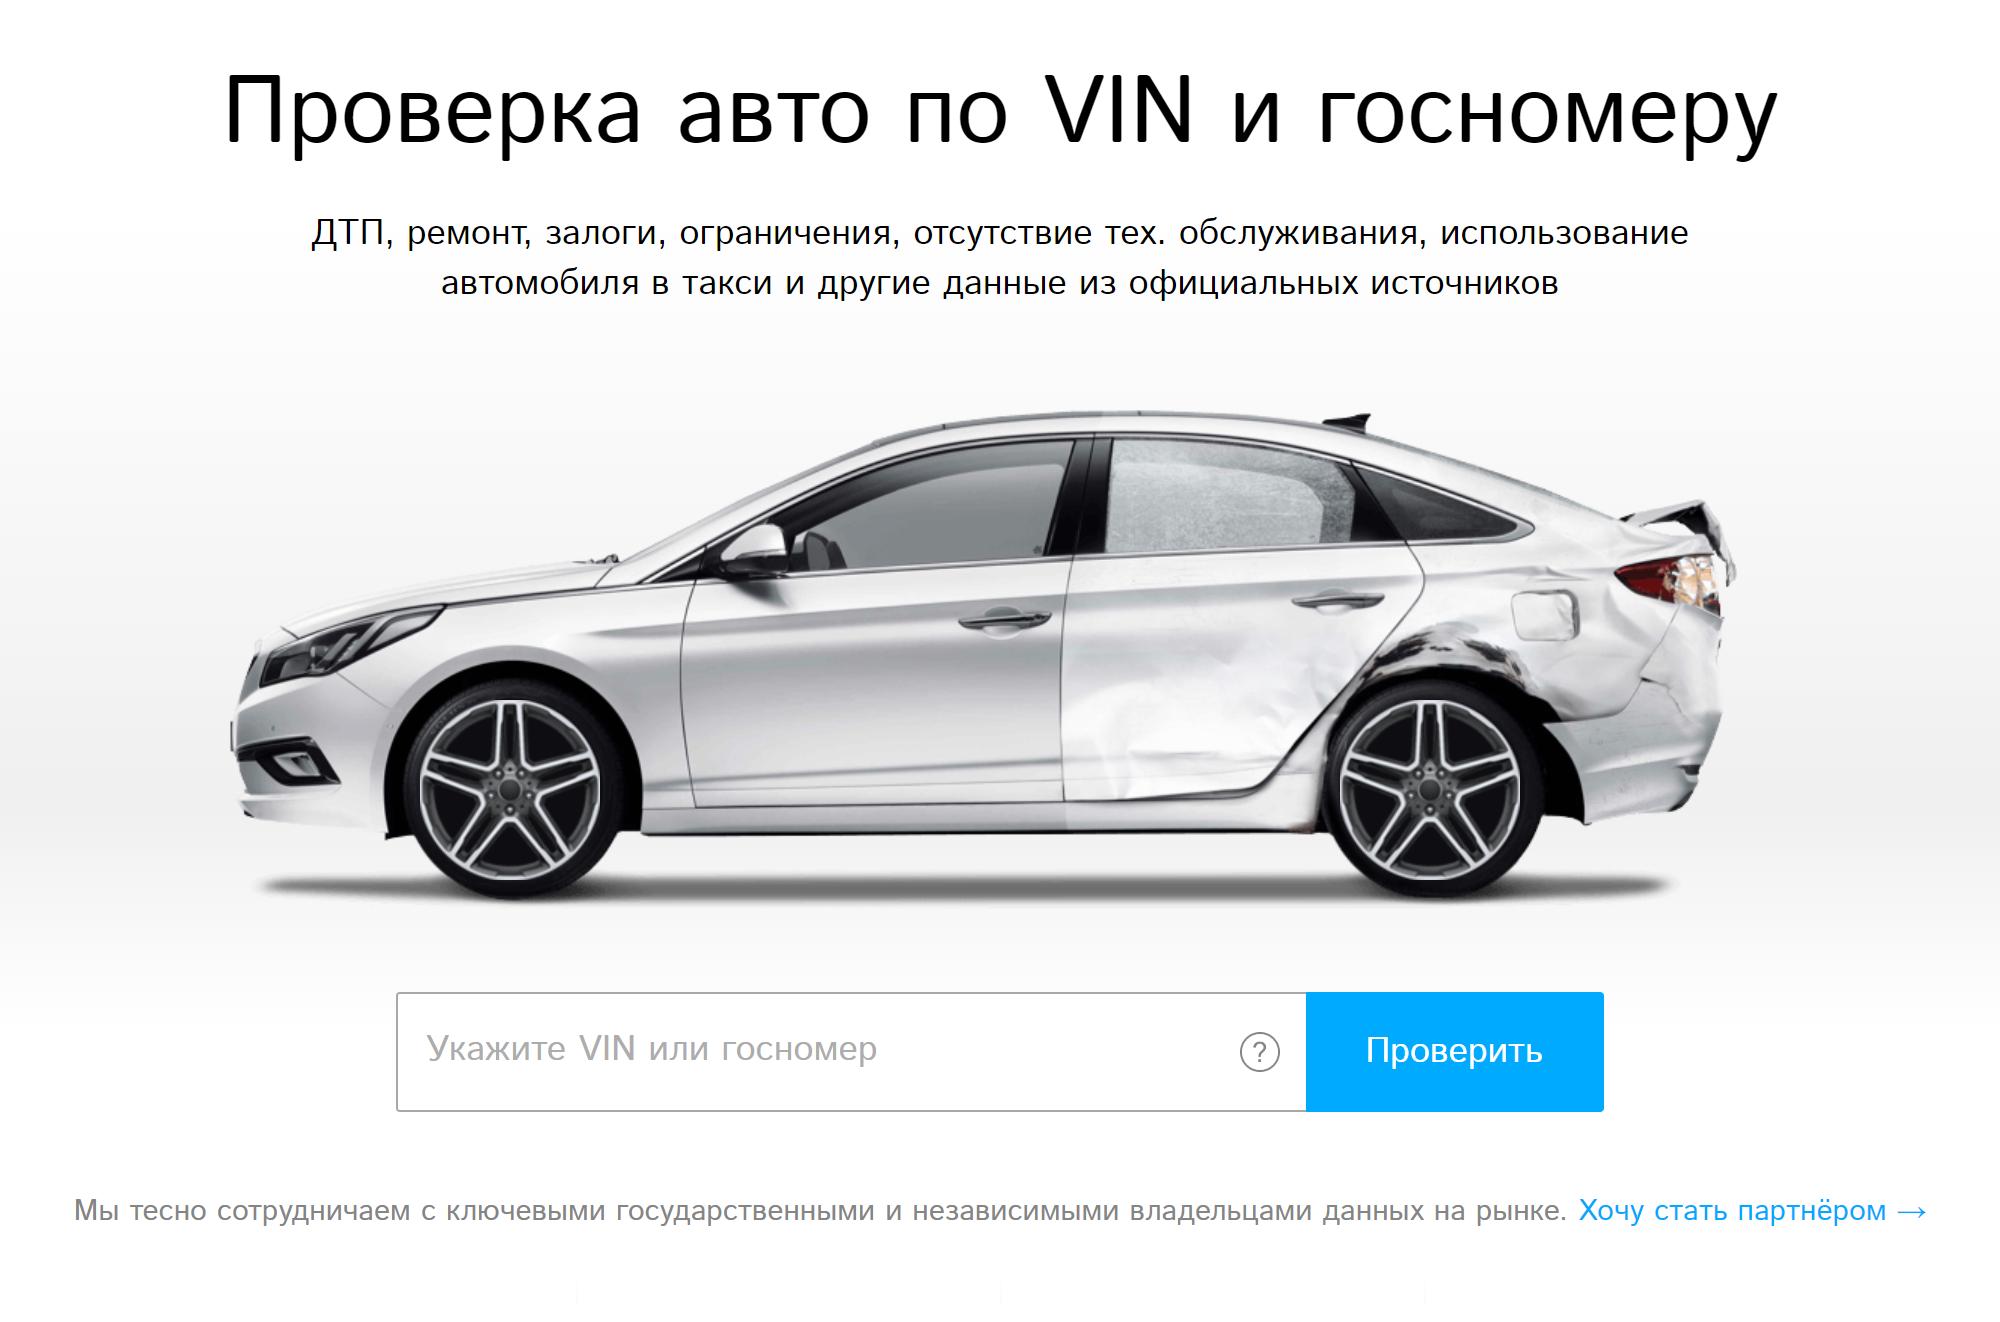 Частные сервисы выдают всю информацию о машине по одному запросу. Это удобно, но стоит денег